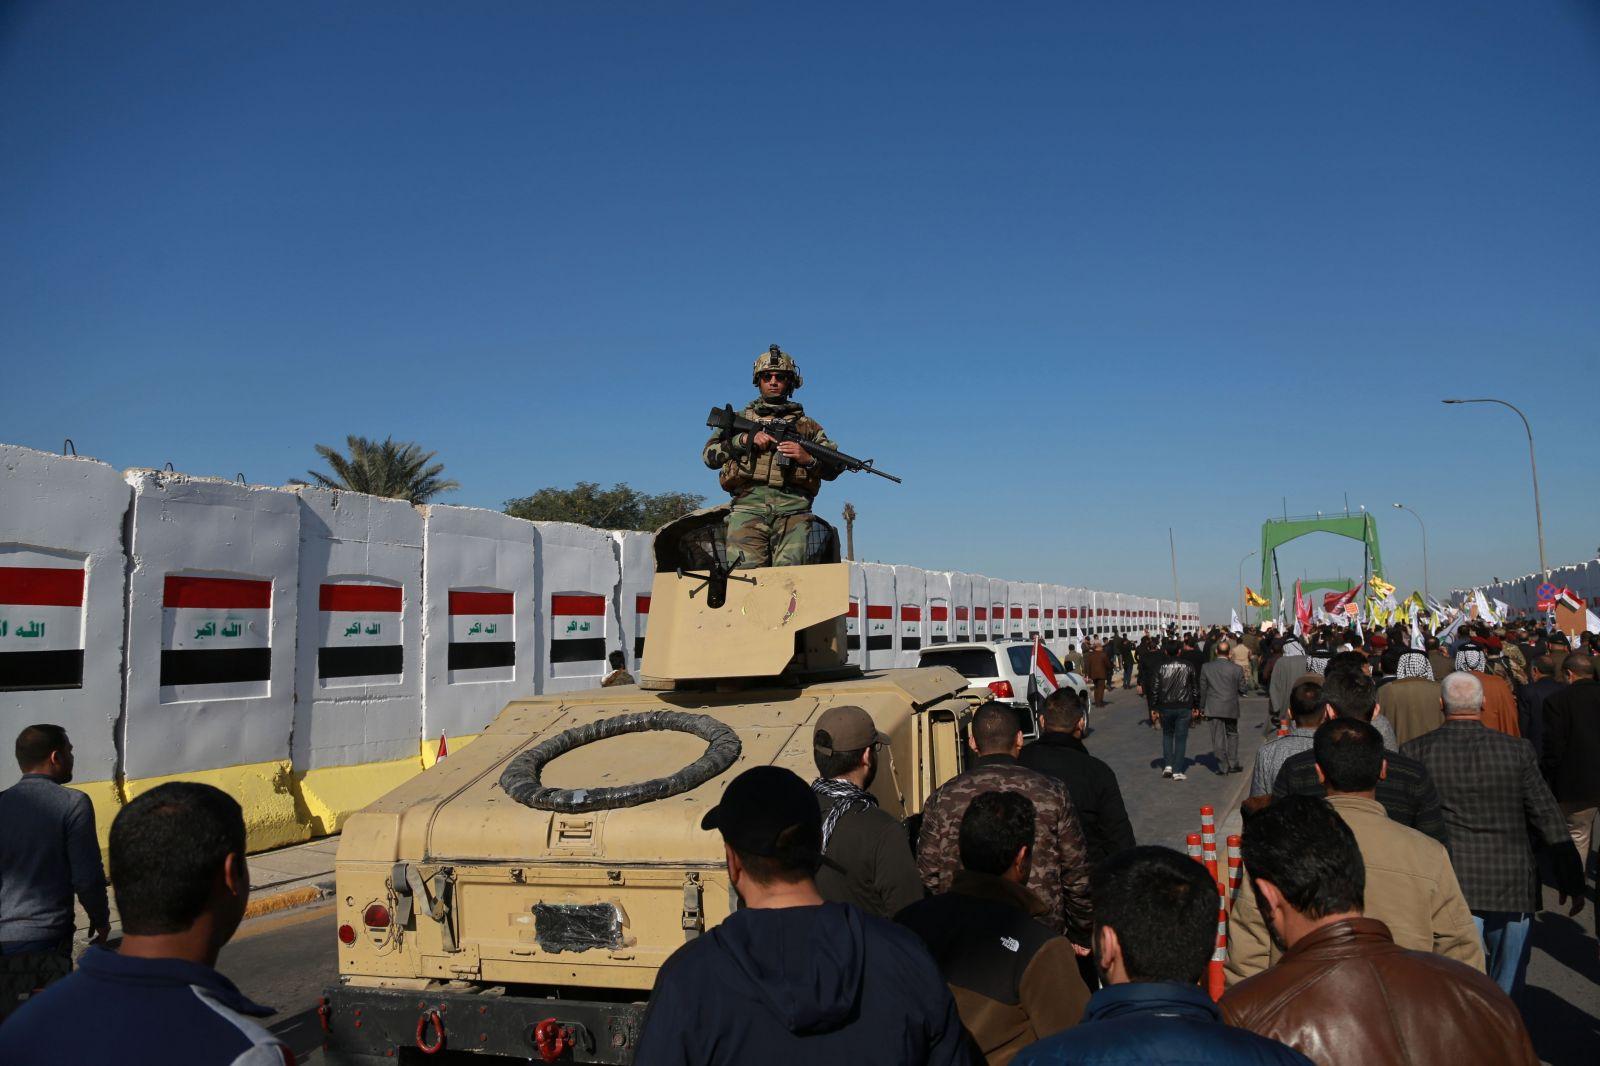 Vojská USA zatiaľ z Iraku neodídu. Nesprávne informácie mal spôsobiť chaos v armáde